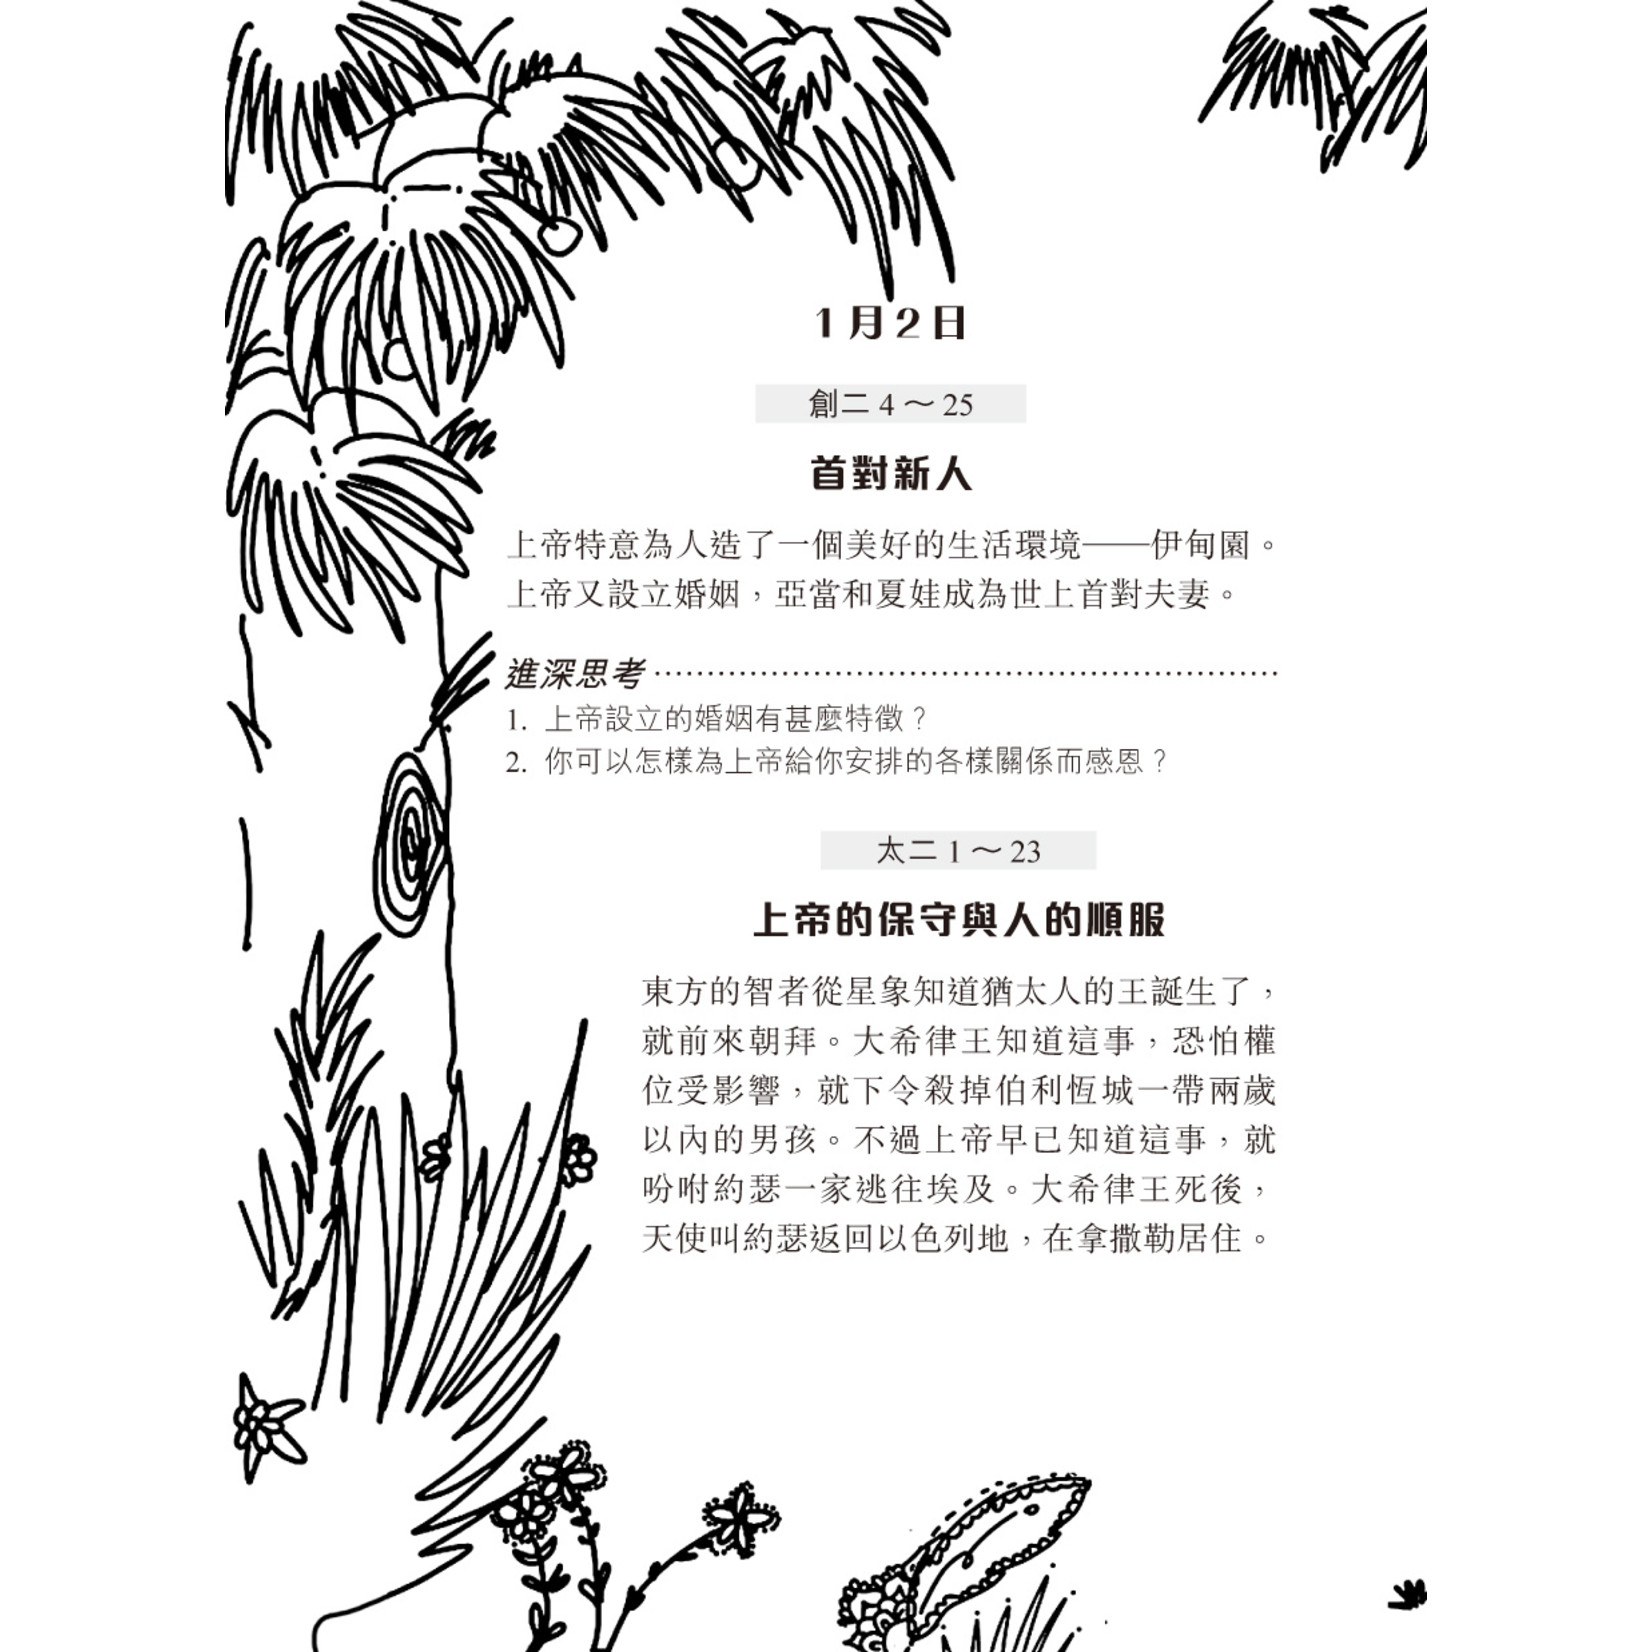 漢語聖經協會 Chinese Bible International 聖經主線大追蹤.讀經日記.春季(1-3月)